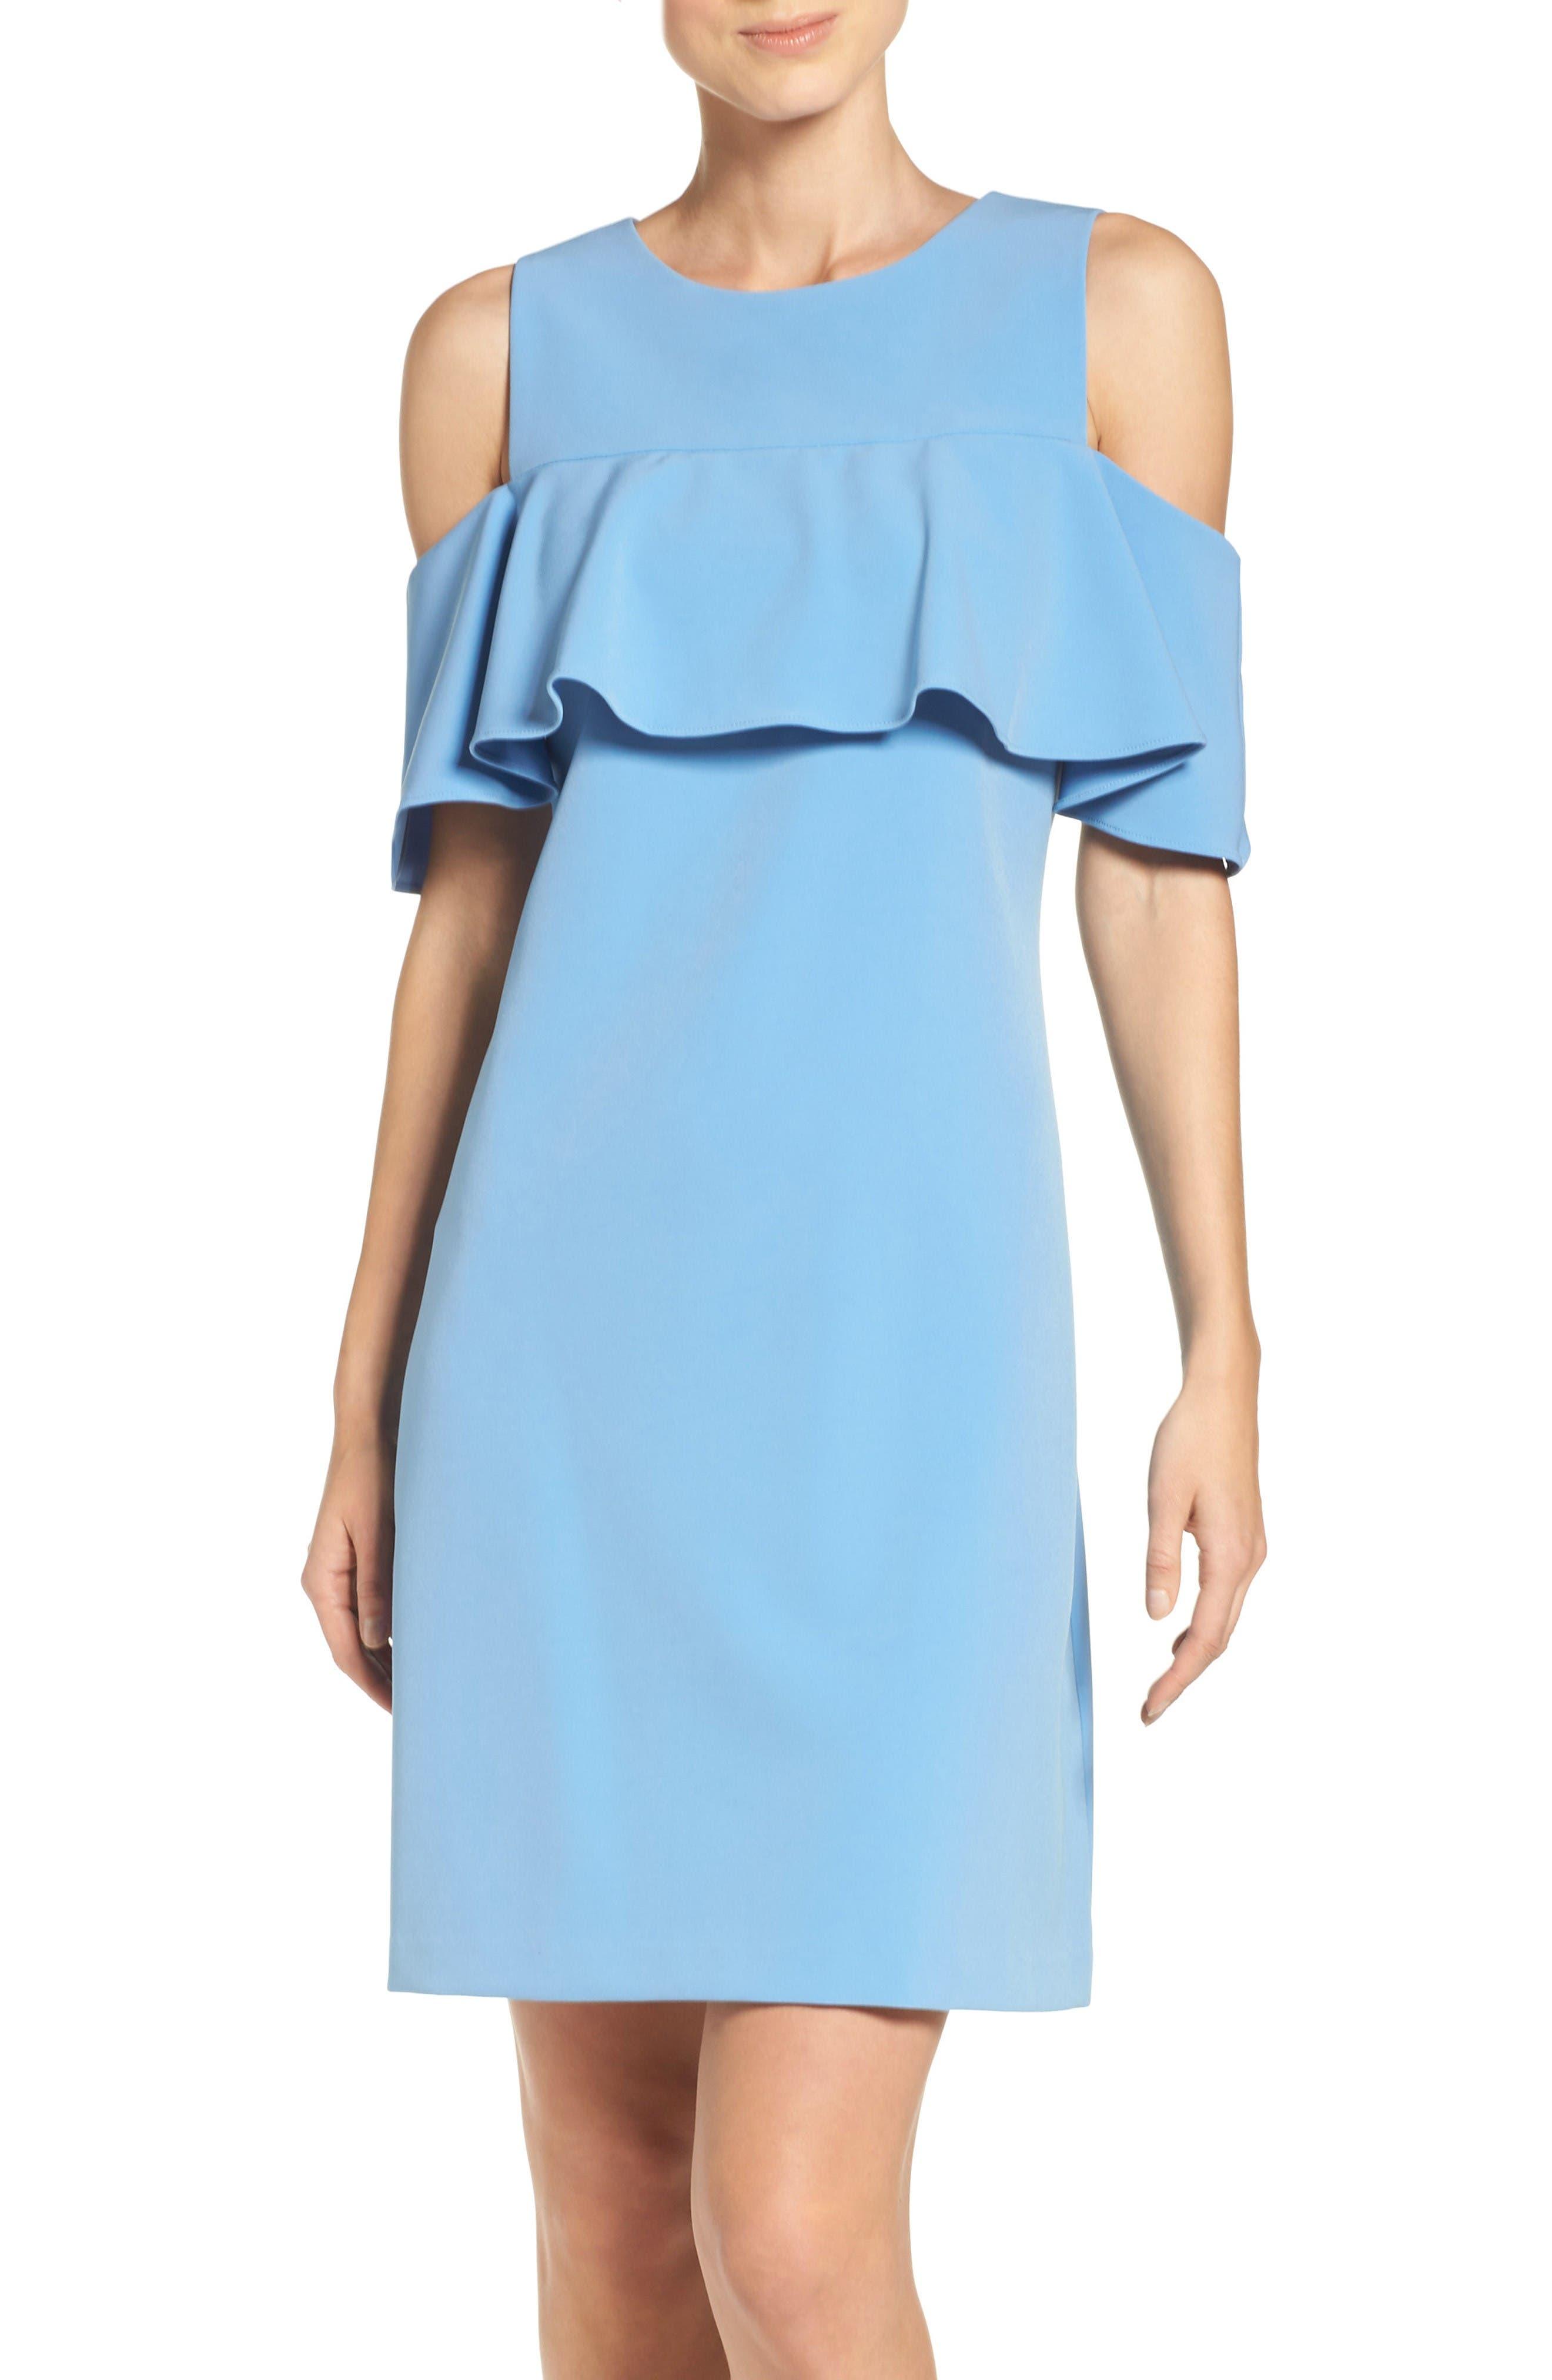 Alternate Image 1 Selected - Taylor Dresses Cold Shoulder Sheath Dress